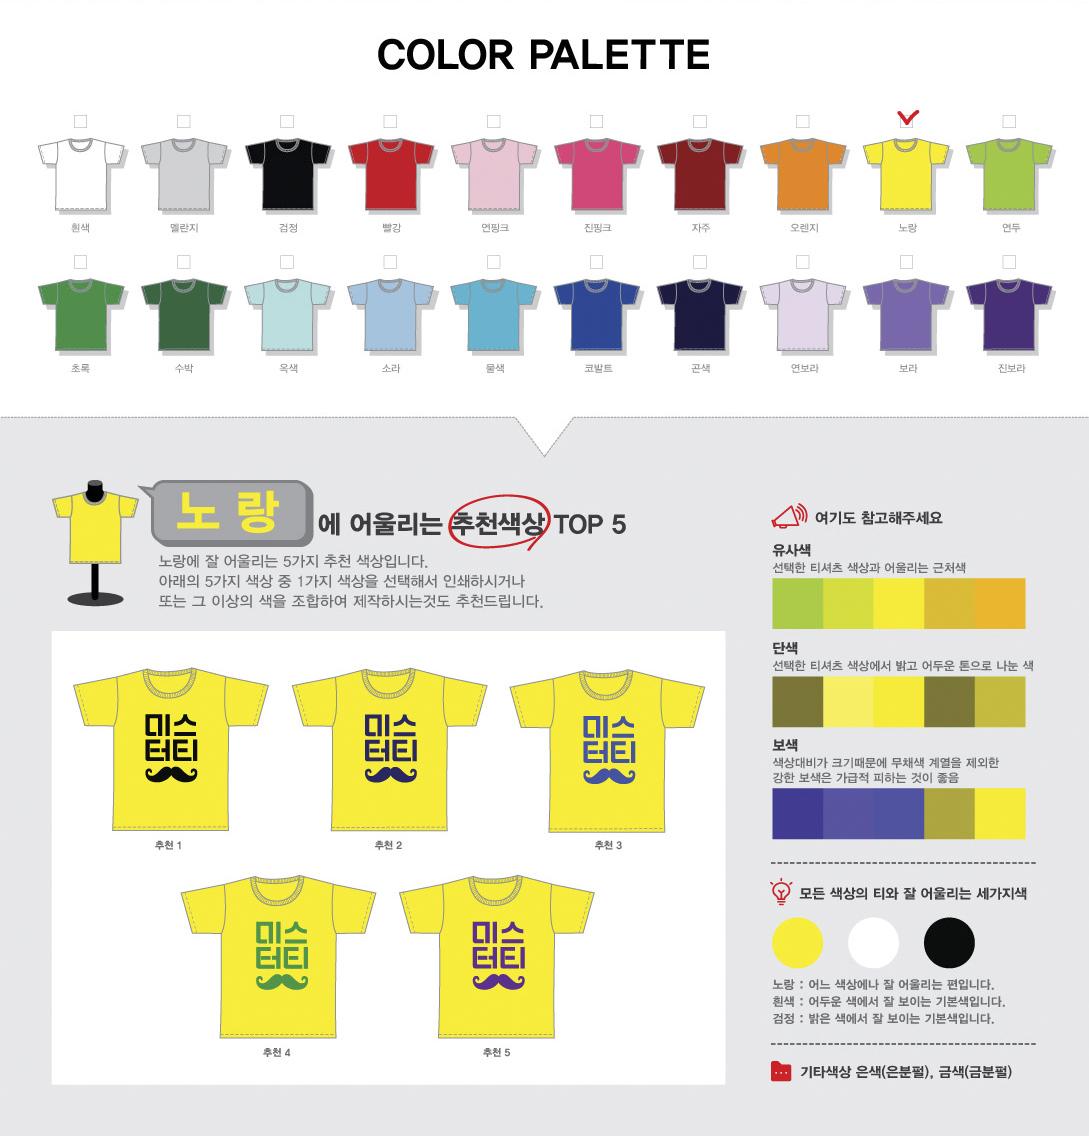 노랑색 단체티에 어울리는 로고색상,노랑색단체티 제작색상,노랑색단체복 로고색상,노랑색단체티 디자인색상,노랑색단체티셔츠 로고색상